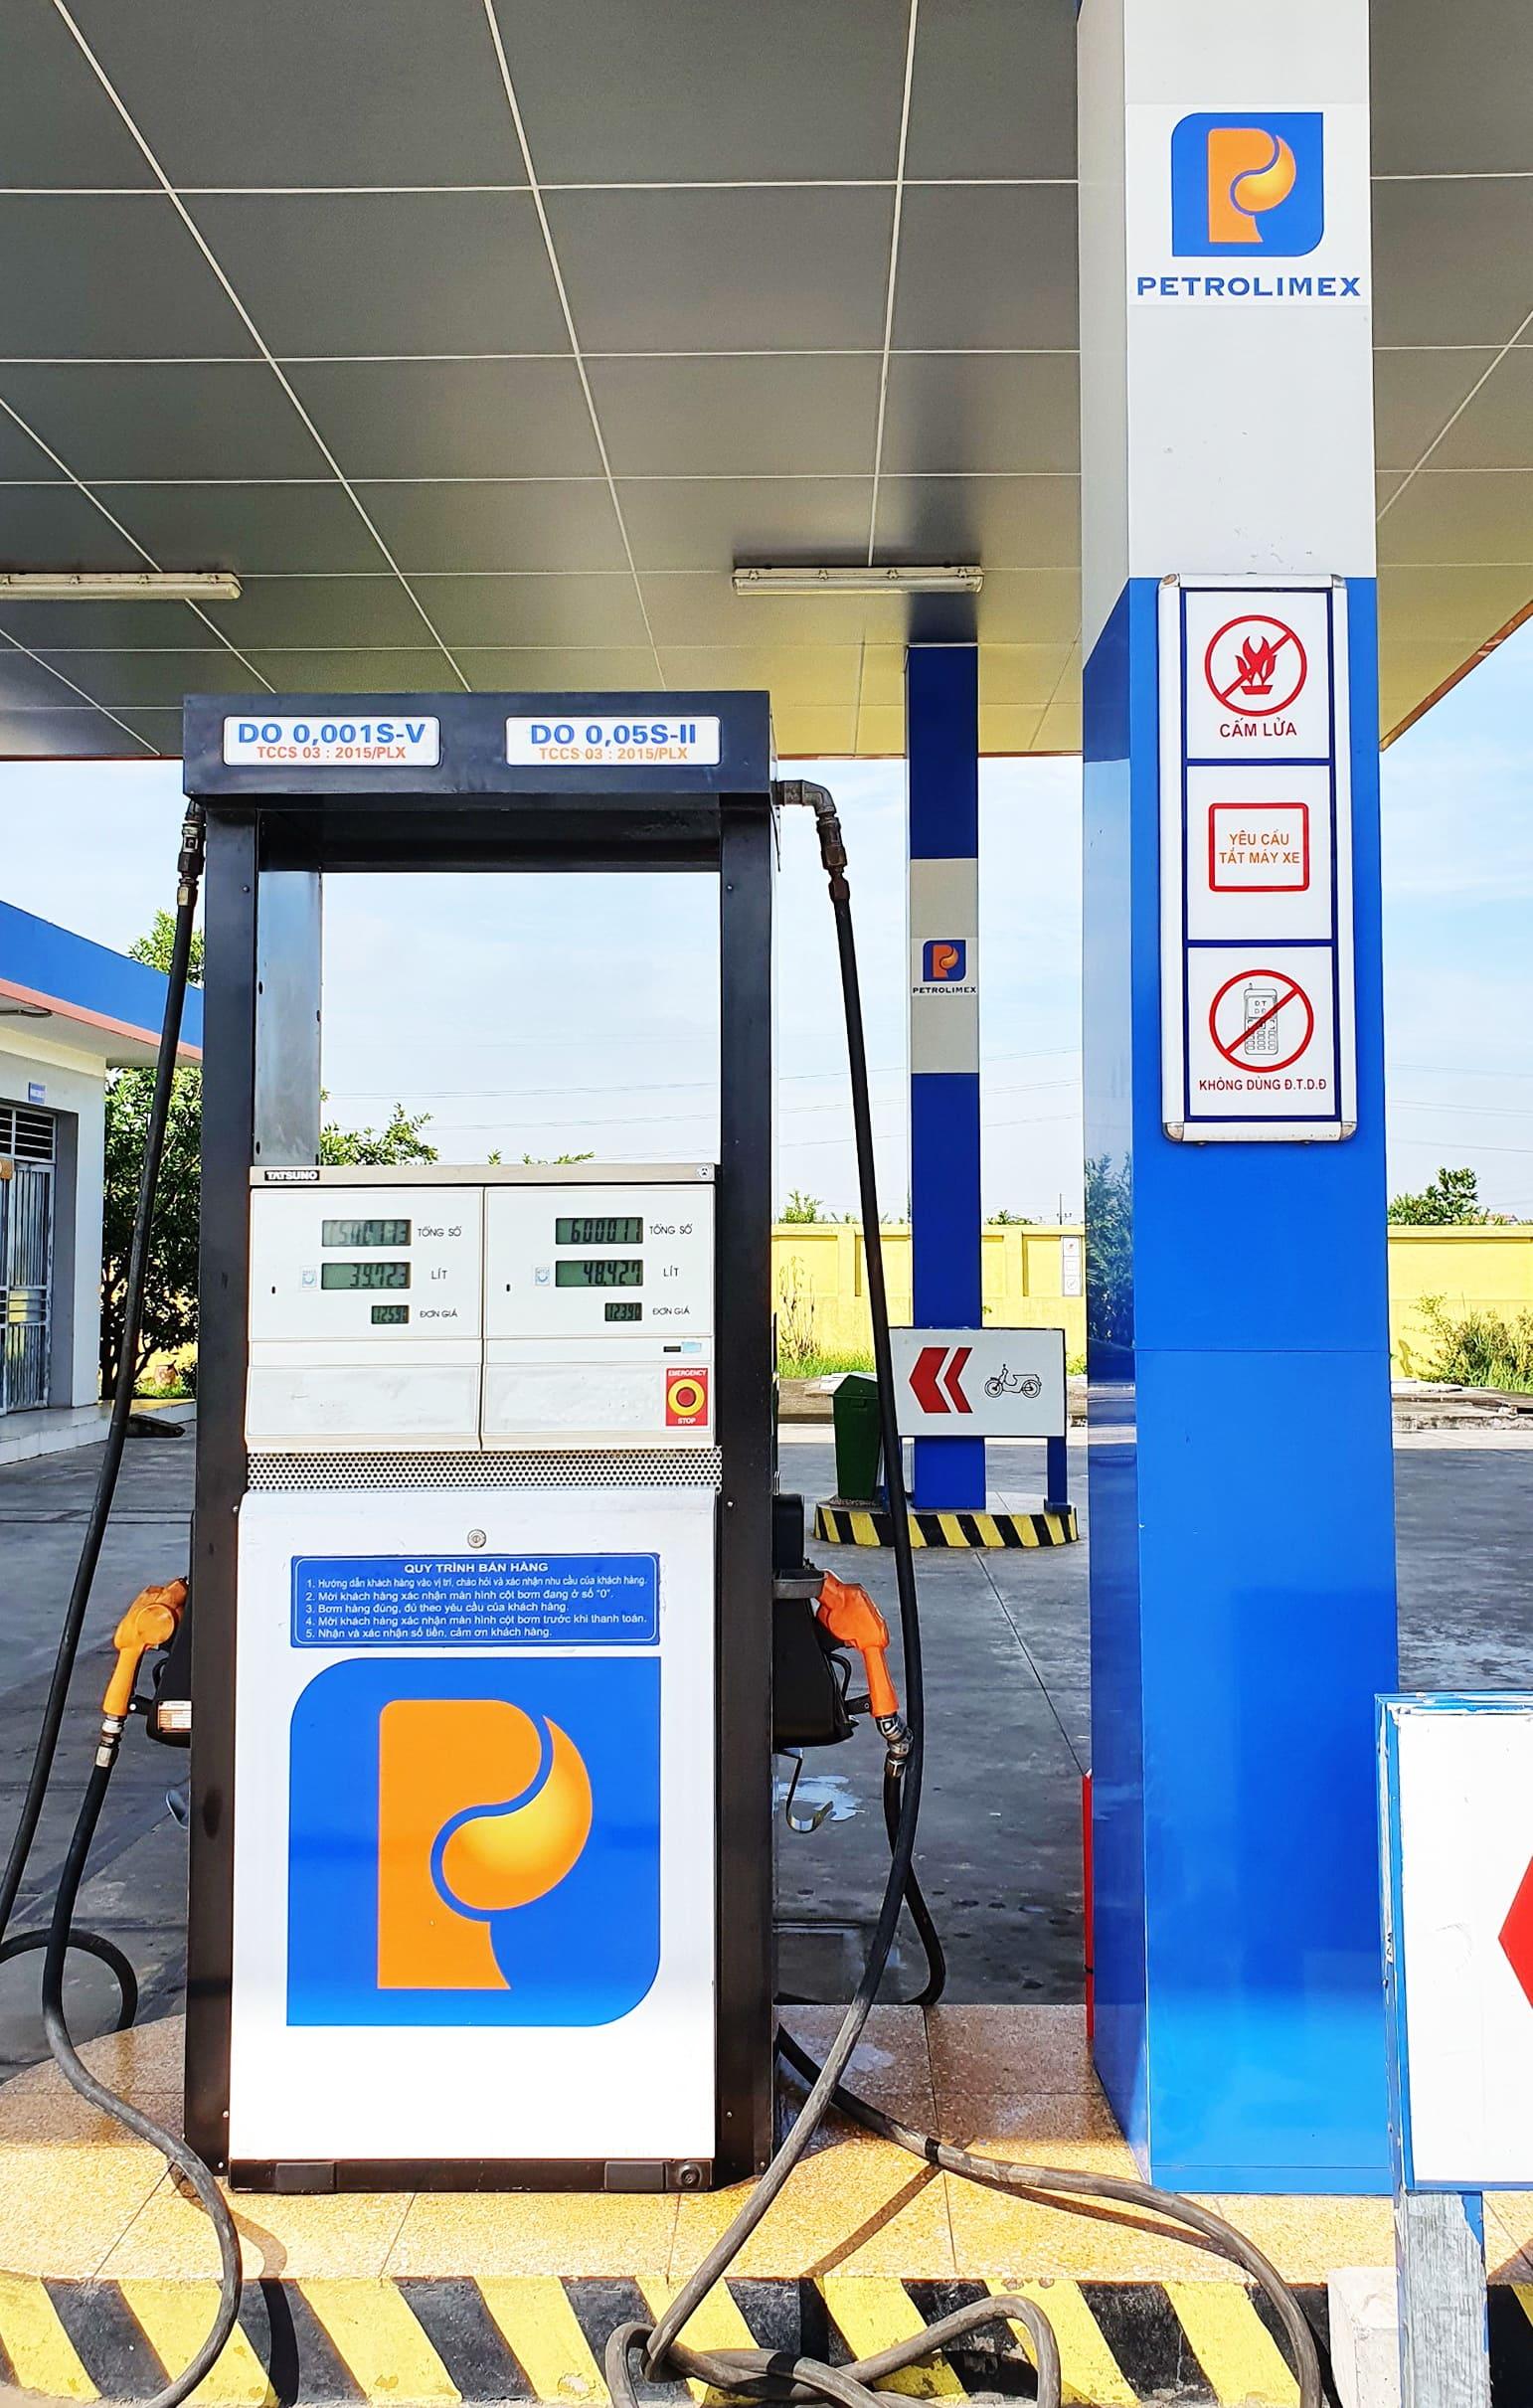 Dấu hiệu cơ bản nhận diện cửa hàng xăng dầu Petrolimex